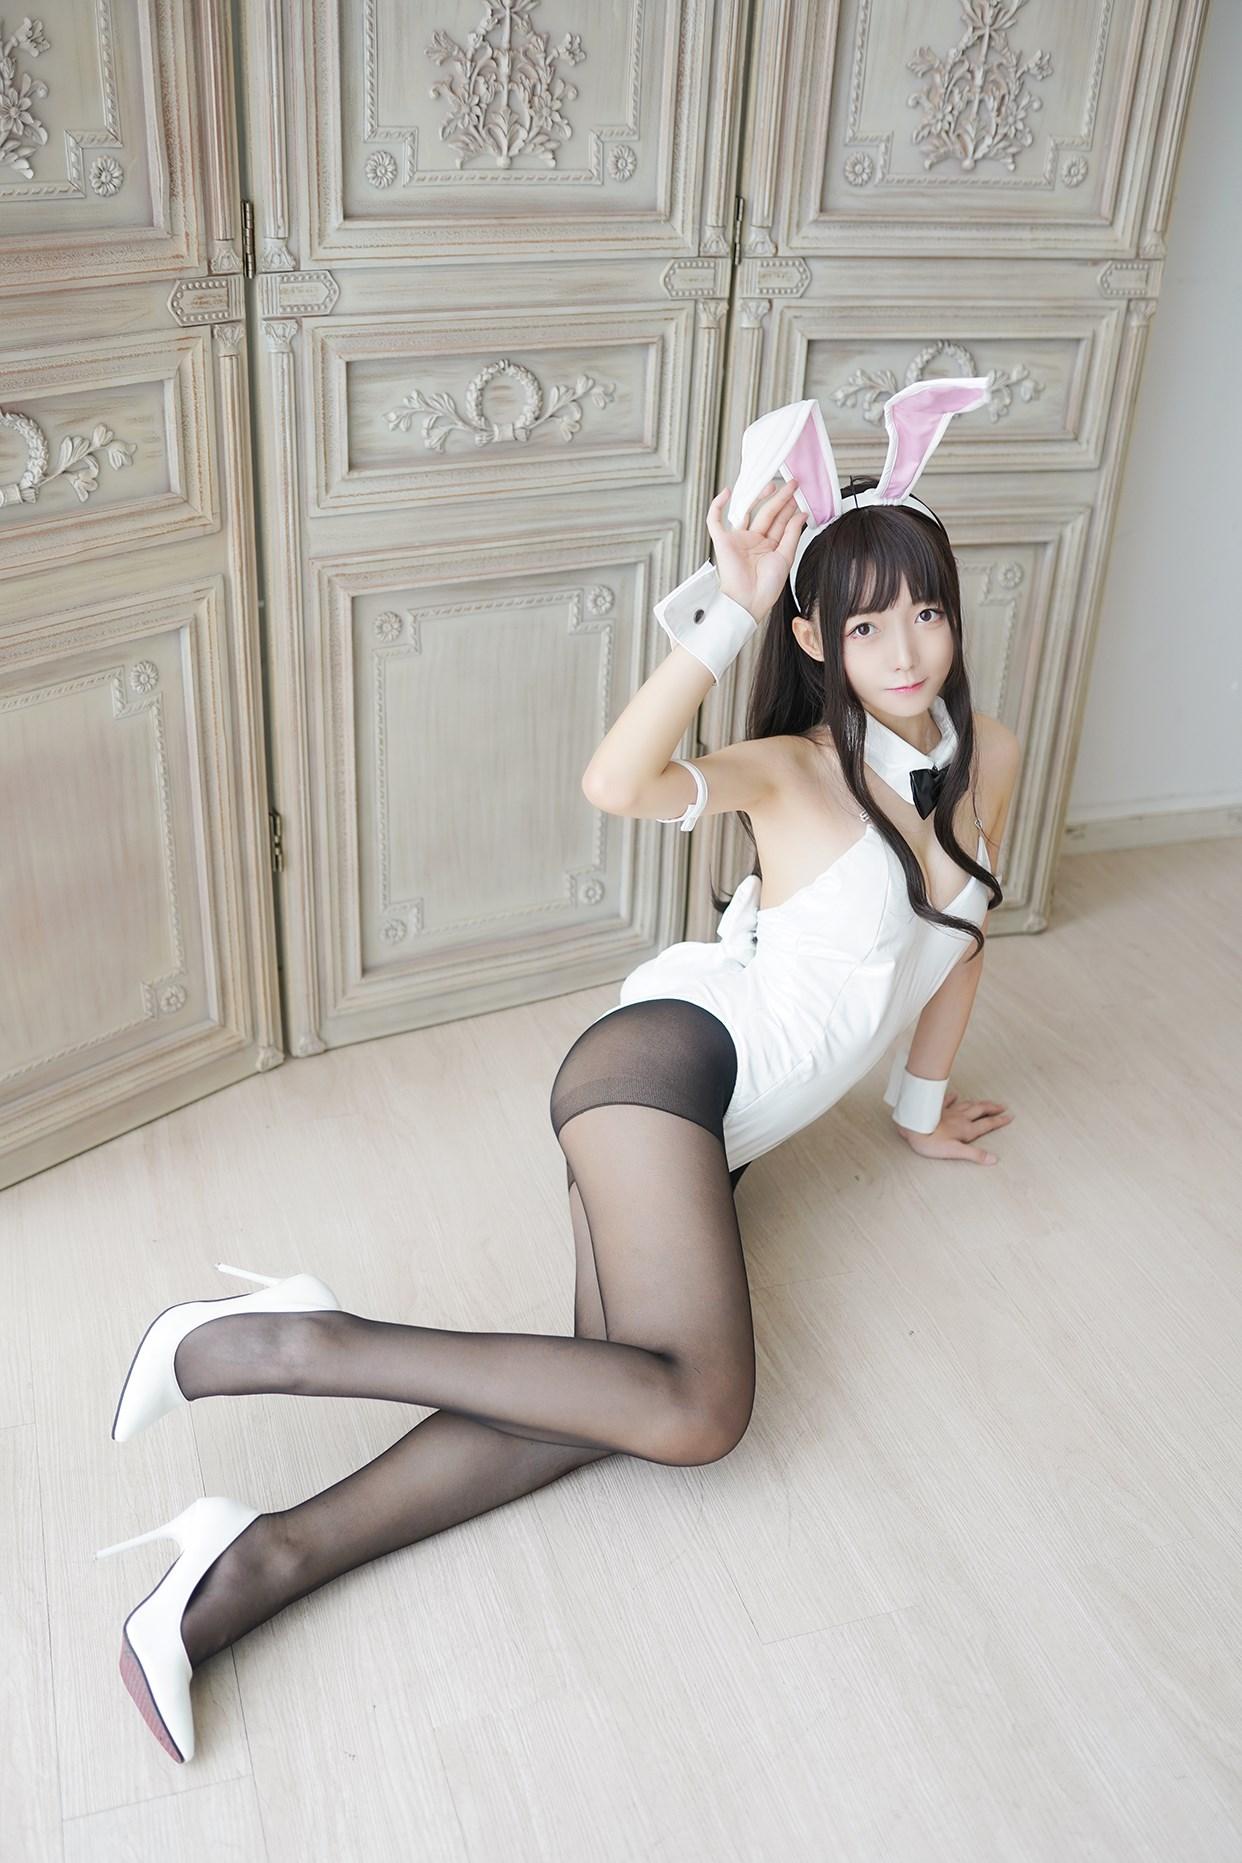 【兔玩映画】兔女郎vol.17-白兔 兔玩映画 第20张